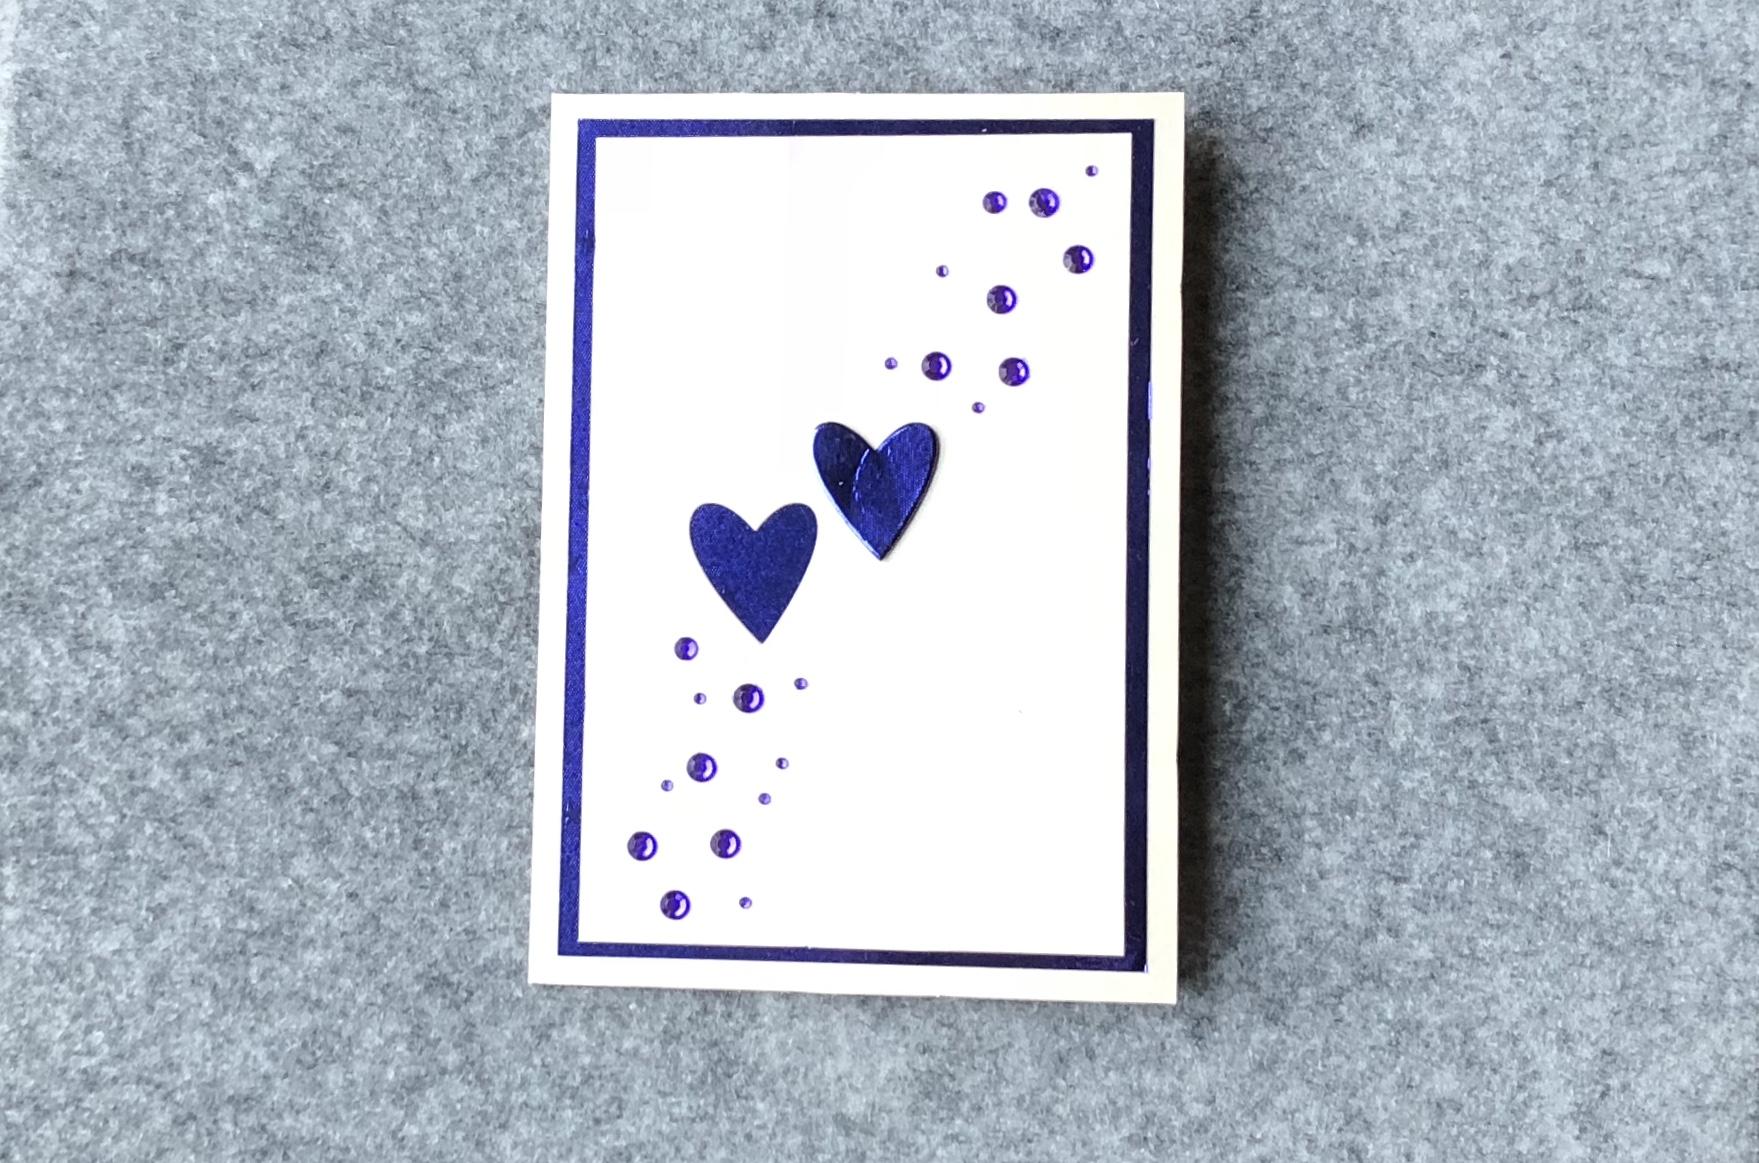 2 blaue Herzen auf Perlmutt-Hintergrund mit blauen Strasssteinen.